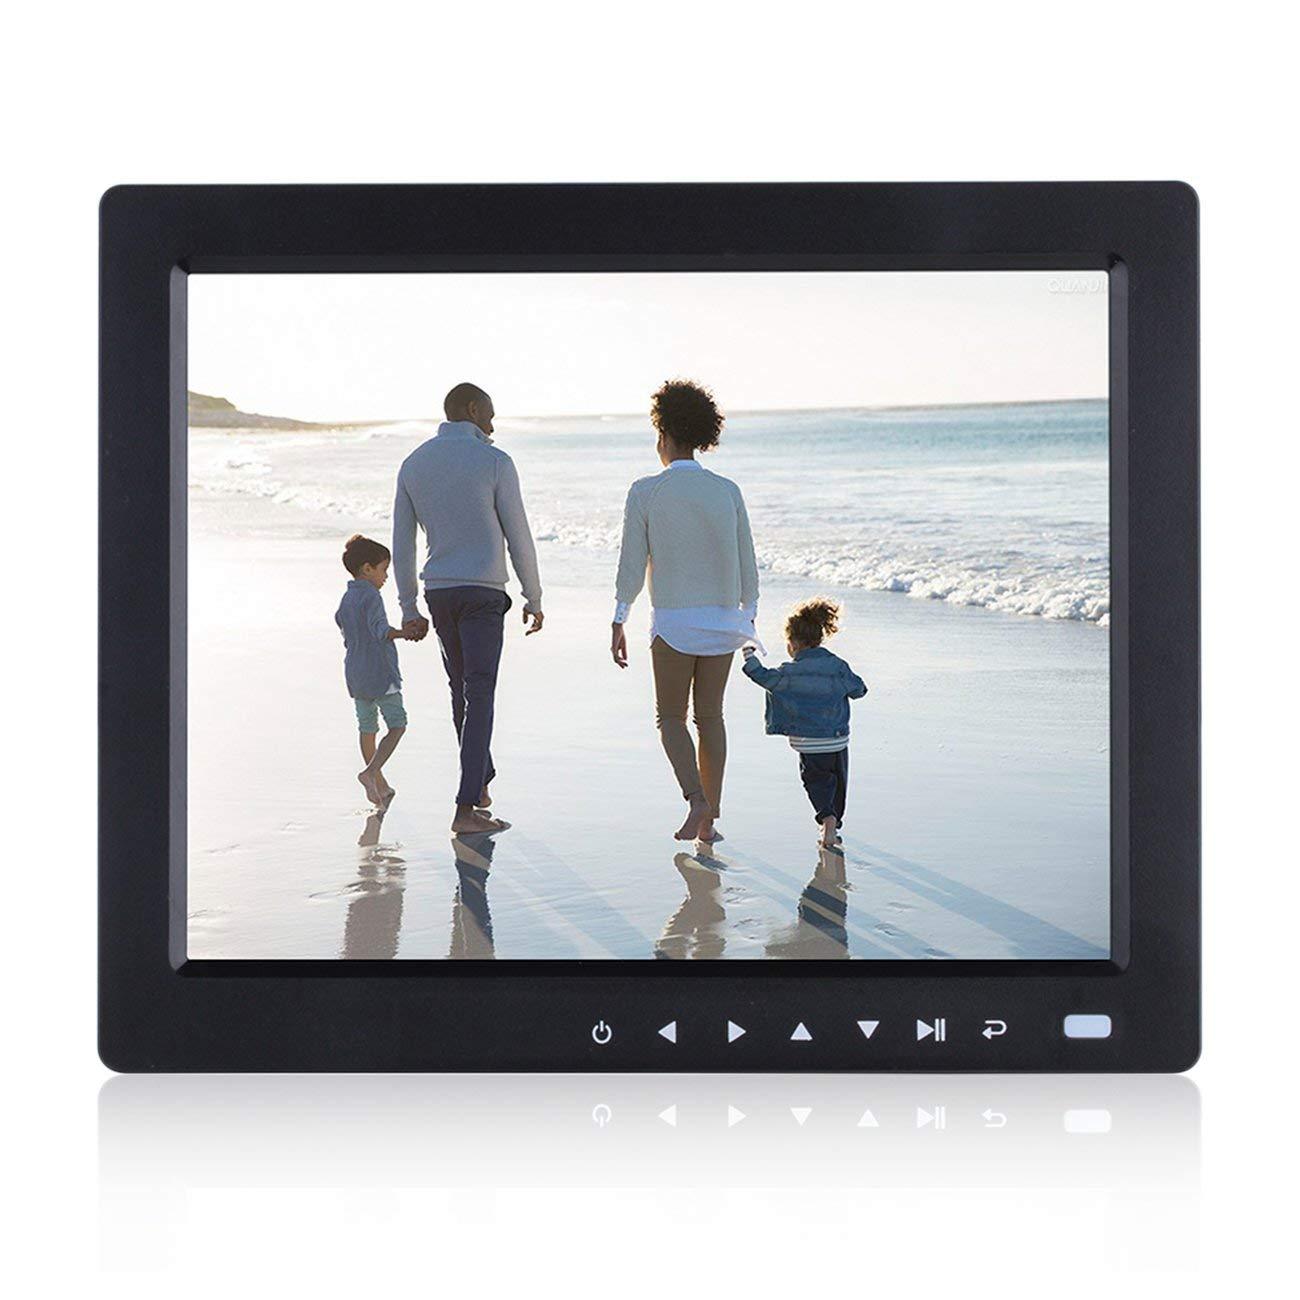 10 pulgadas Marco de HD TFT LCD digital de Fotos Álbum de Fotos Música Reproductor de vídeo